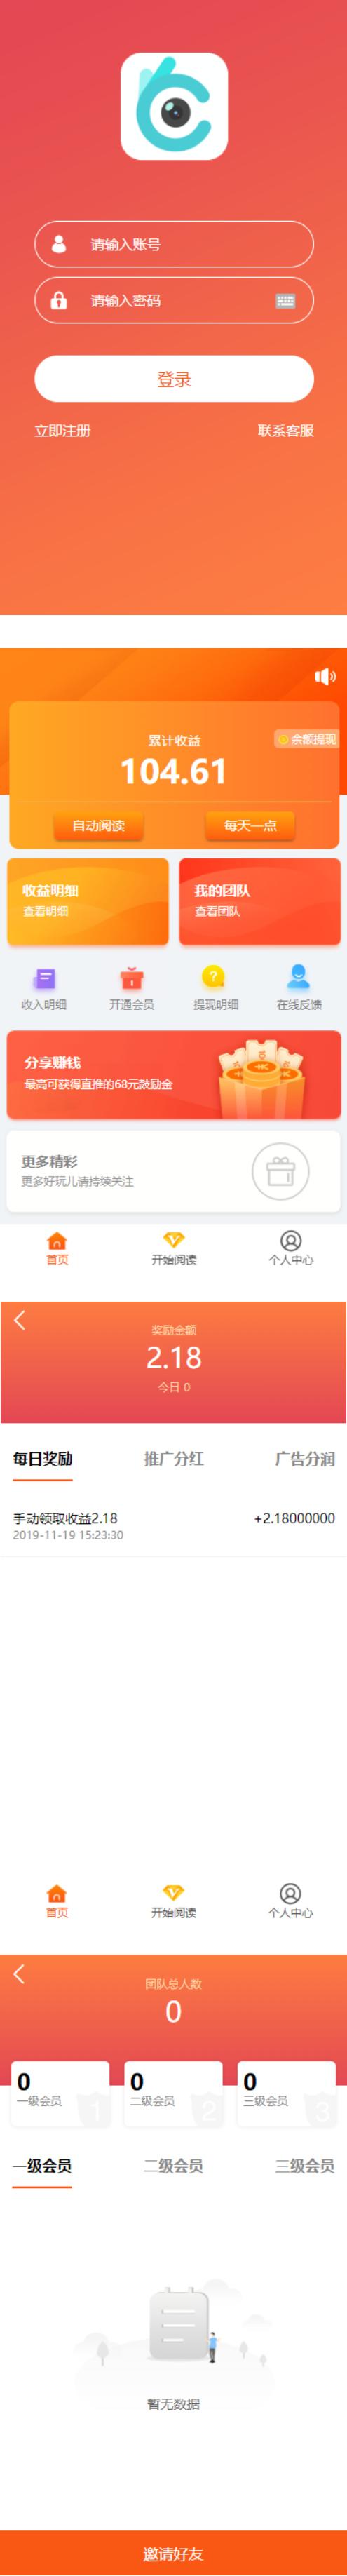 【自动阅读】橙色UI赚积分系统[3级团队]-找主题源码